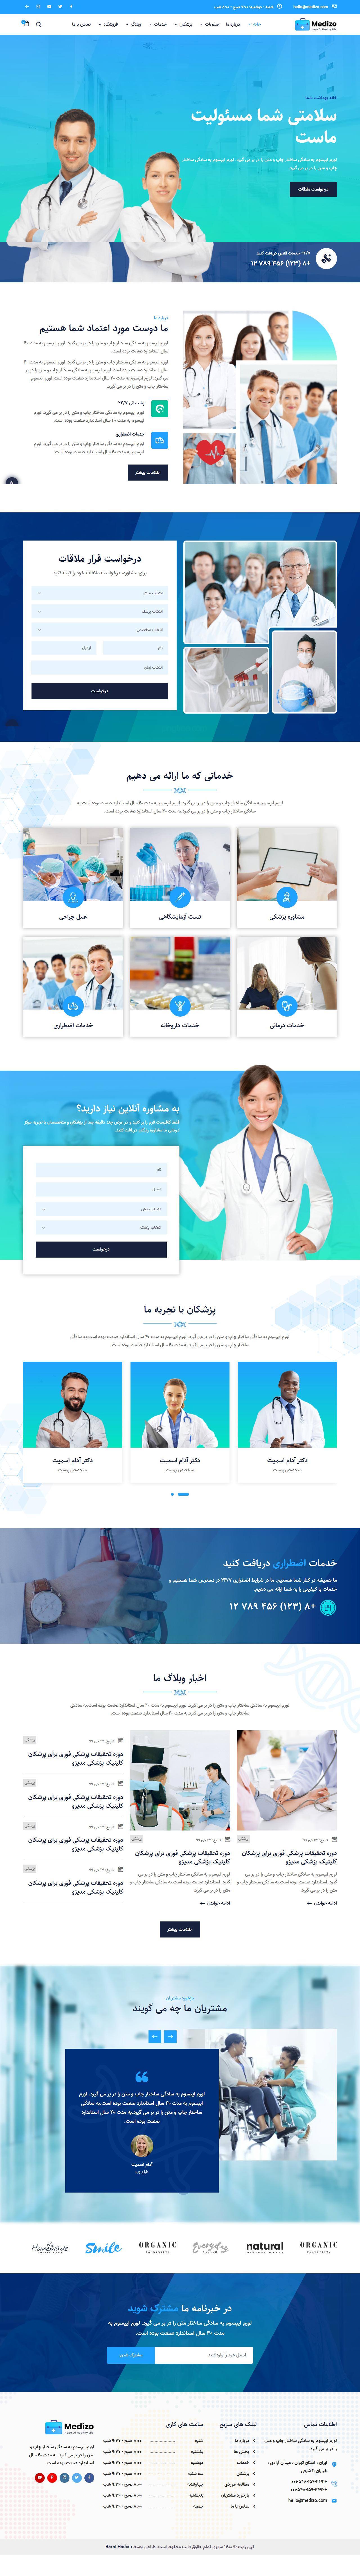 امکانات قالب HTML پزشکی مدیزو